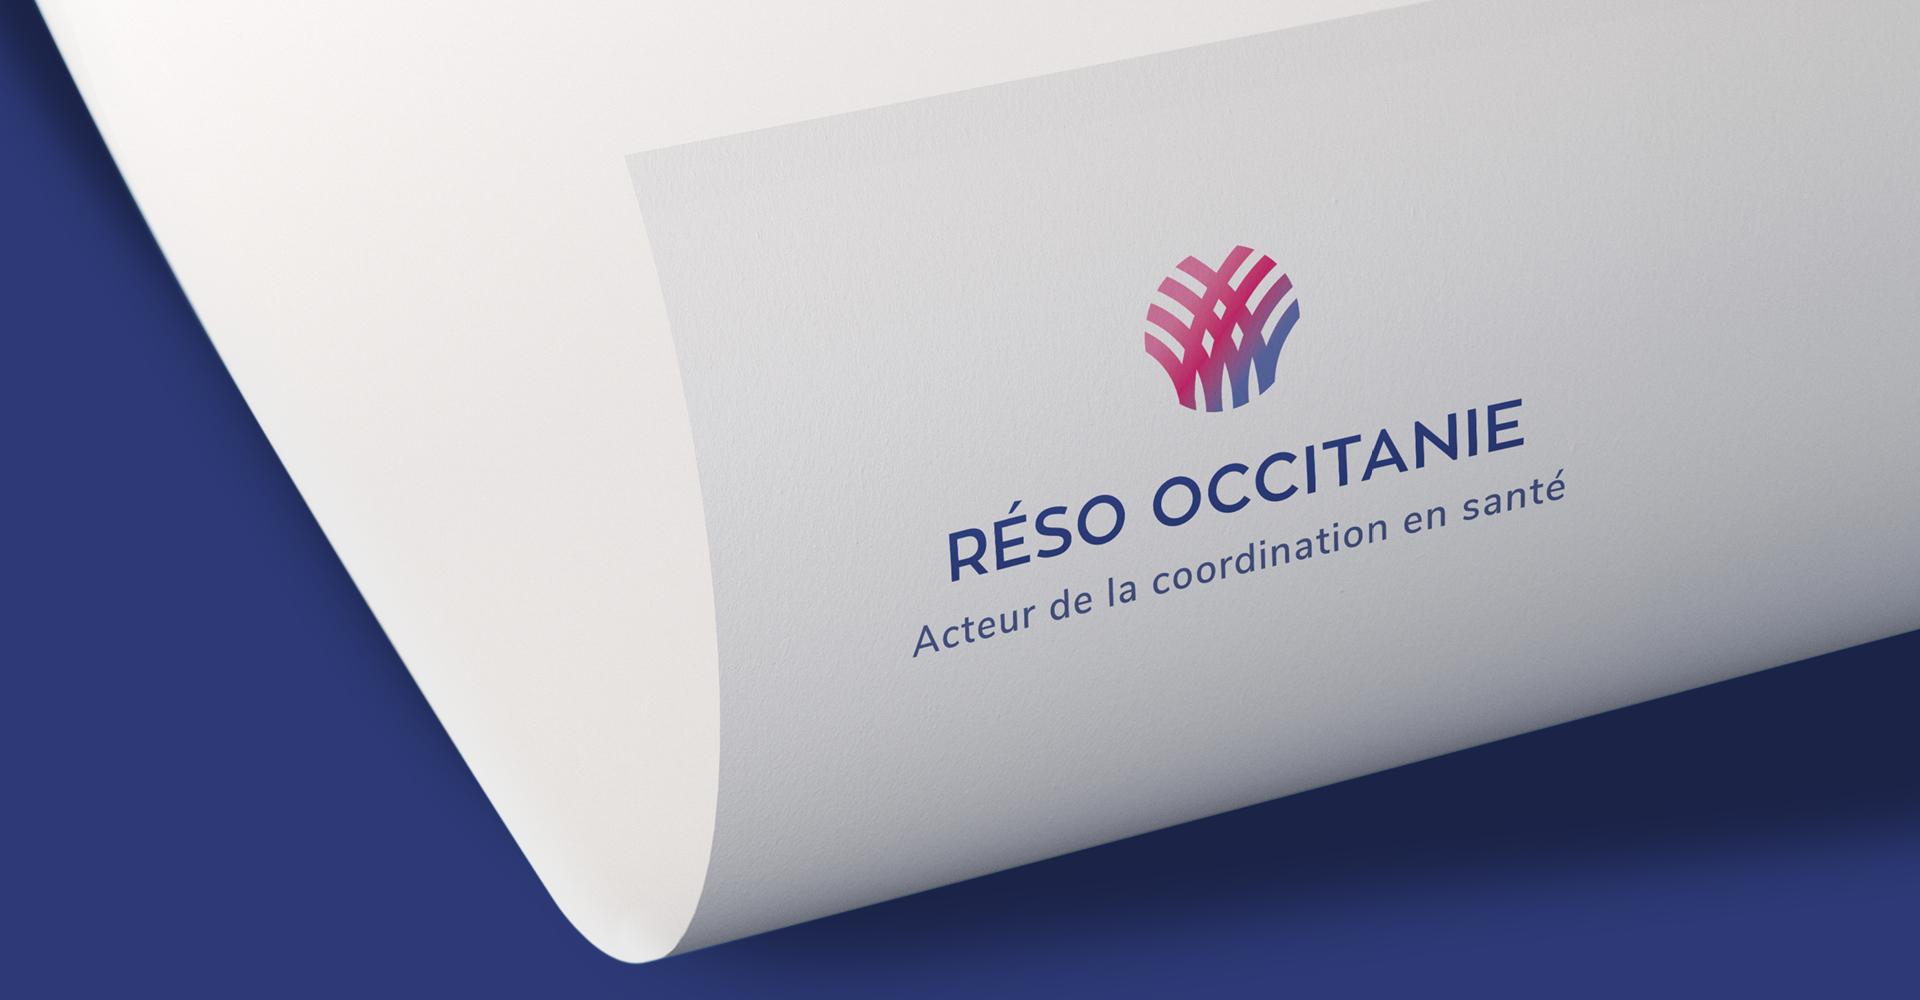 RESO_OCCITANIE